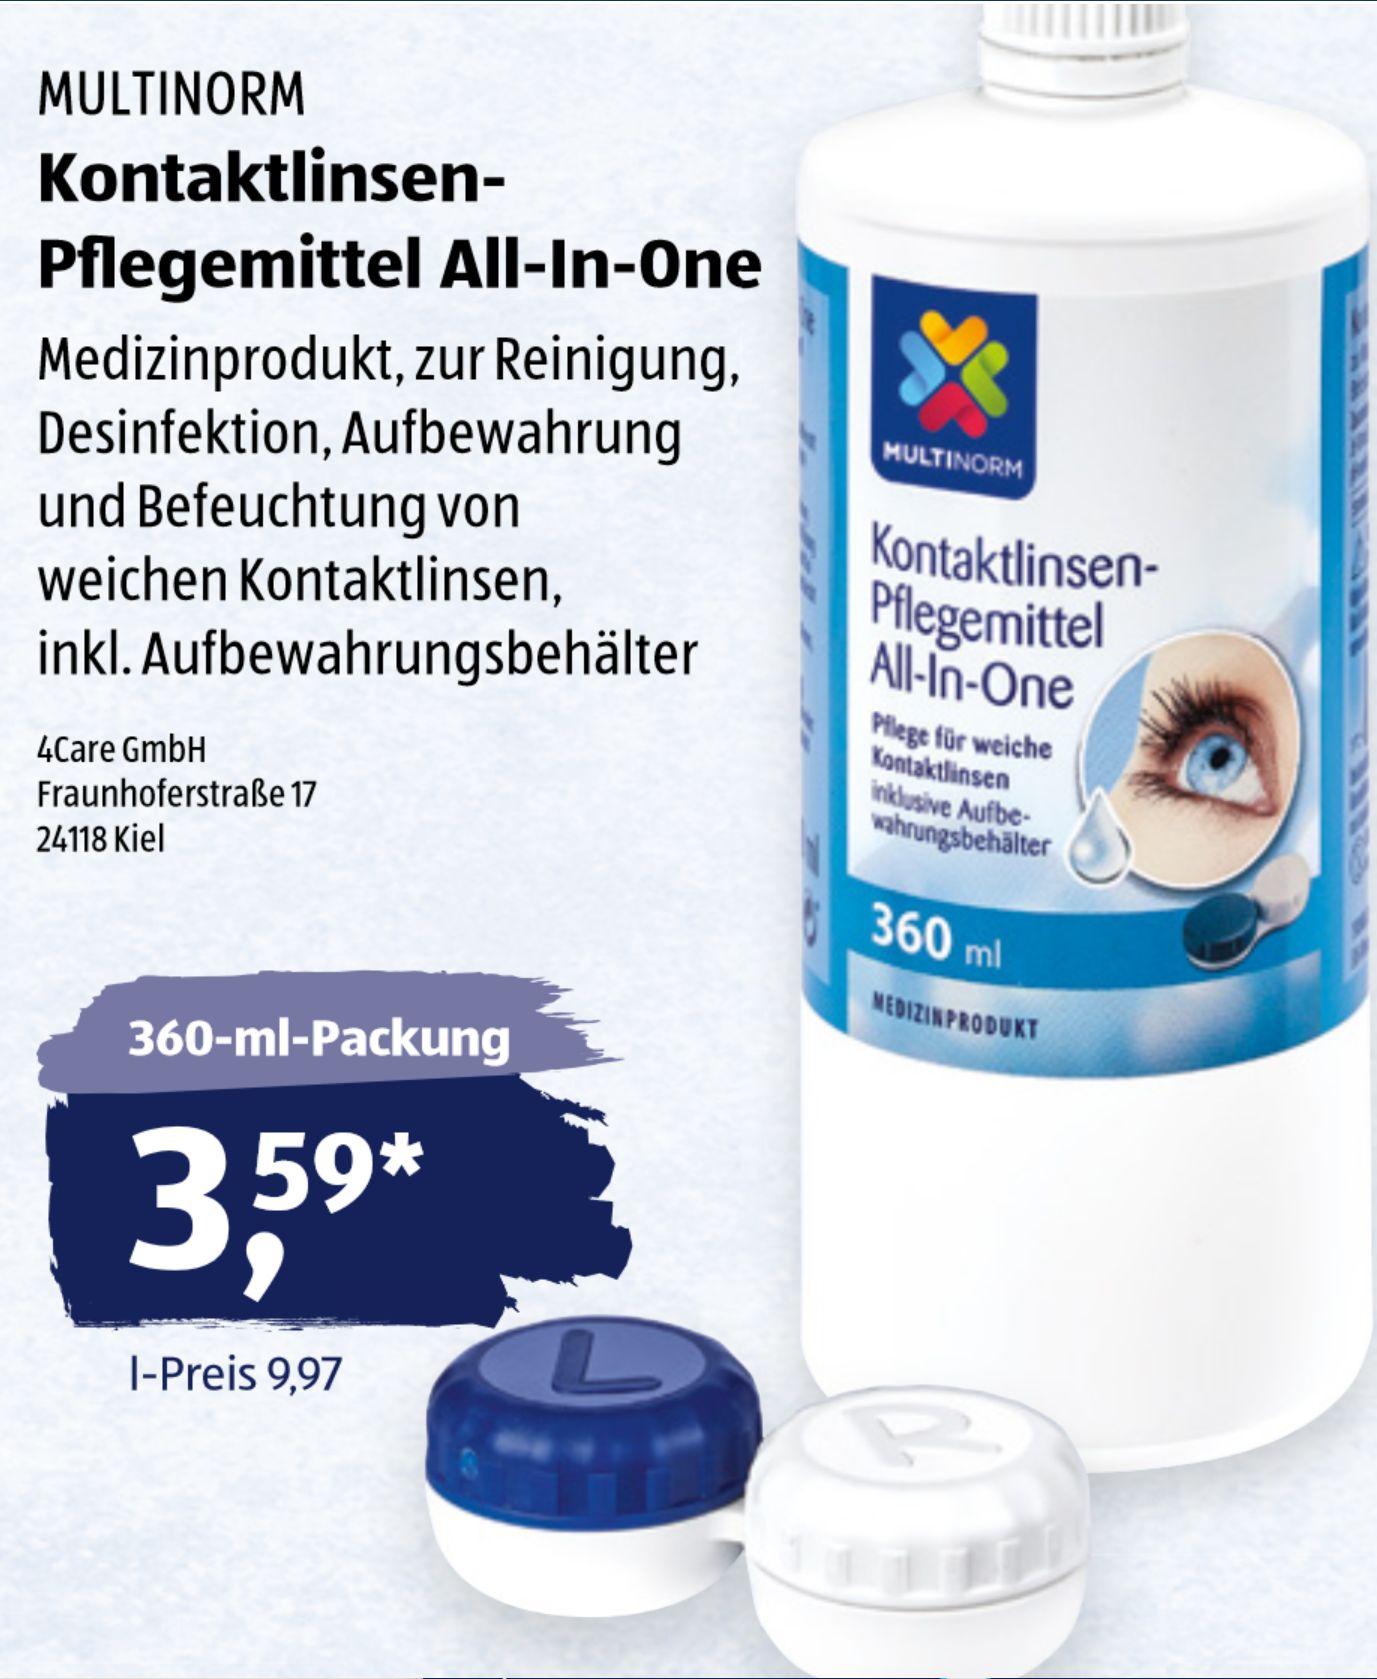 Kontaktlinsen-Pflegemittel All-in-One inklusive Aufbewahrungsbehälter (für weiche Linsen) ab dem 13.06. bei Aldi Süd